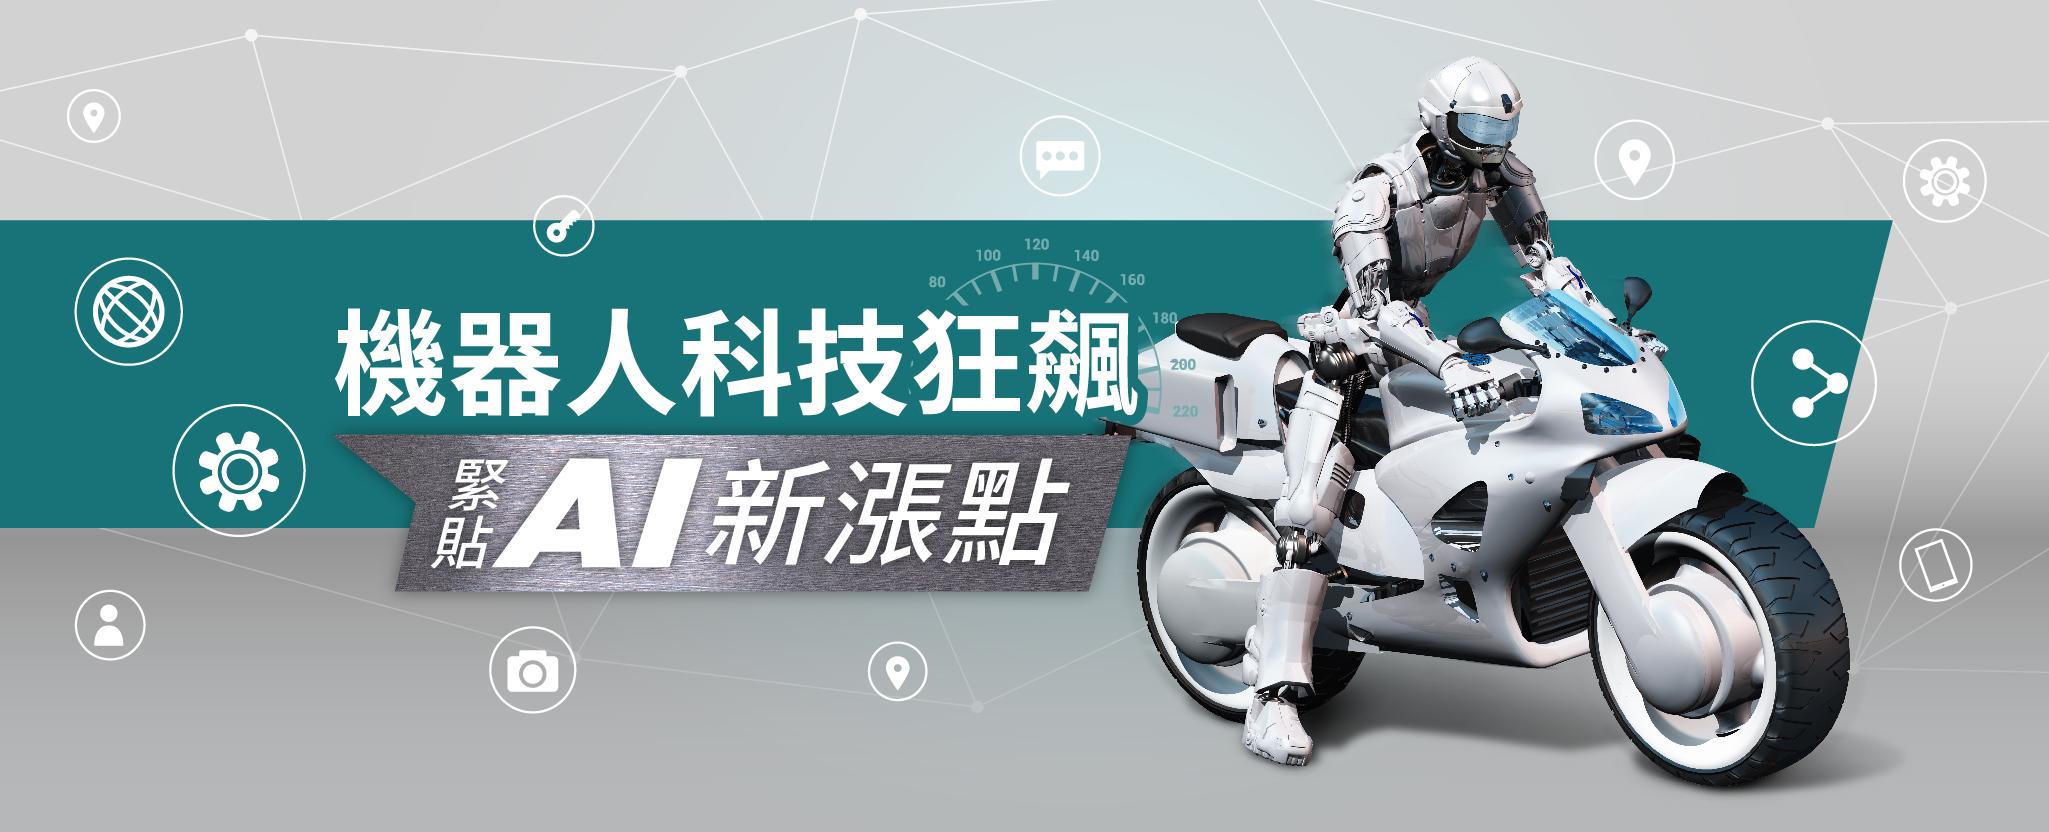 機器人科技狂飆 緊貼AI新漲點